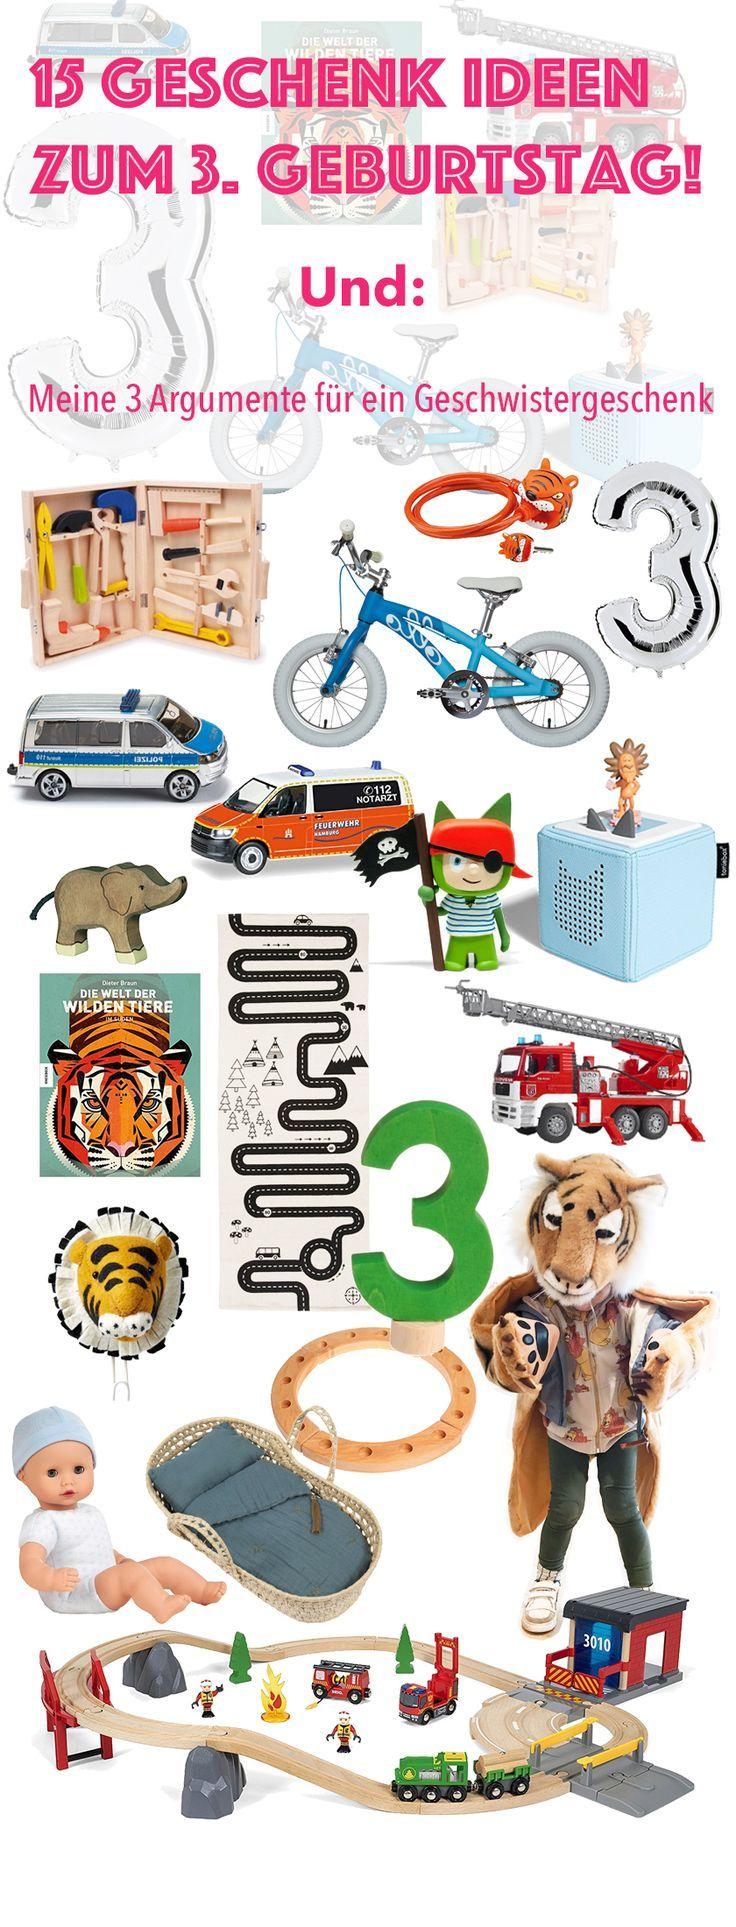 Schöne Geschenk Ideen zum dritten Geburtstag für einen Jungen